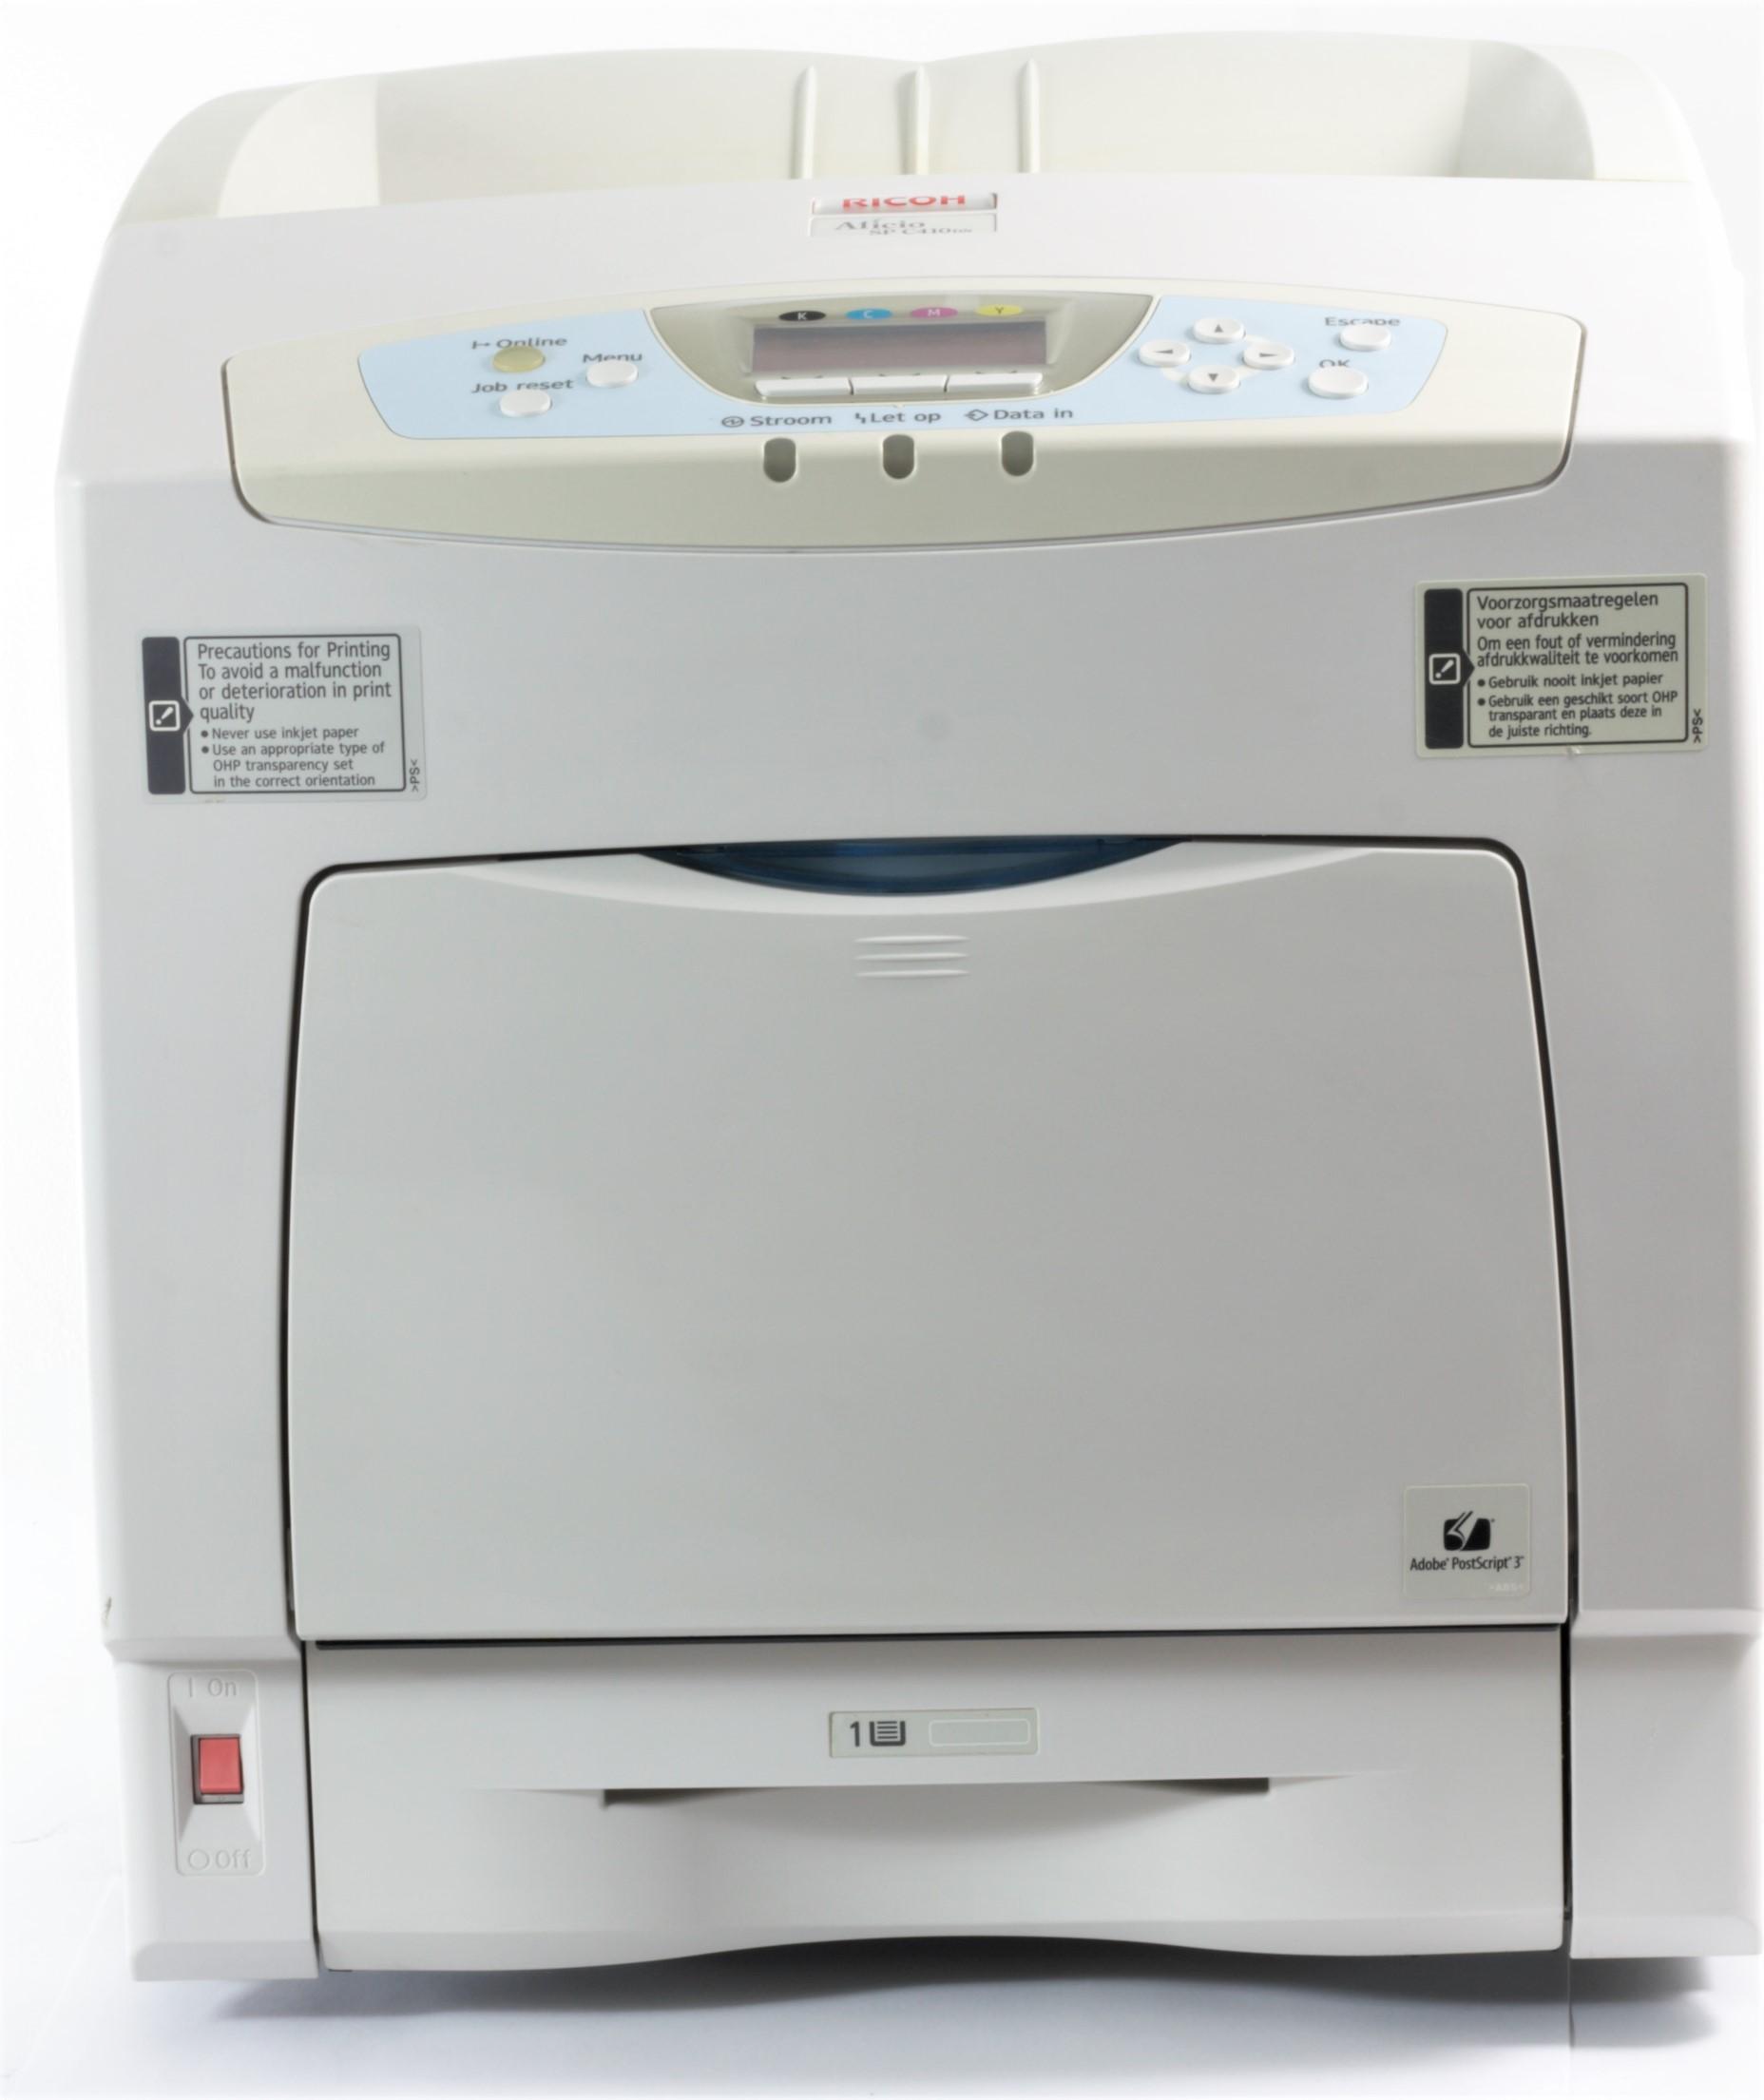 Ricoh Aficio SP C420DN Color Drucker Laserdrucker gebraucht 114